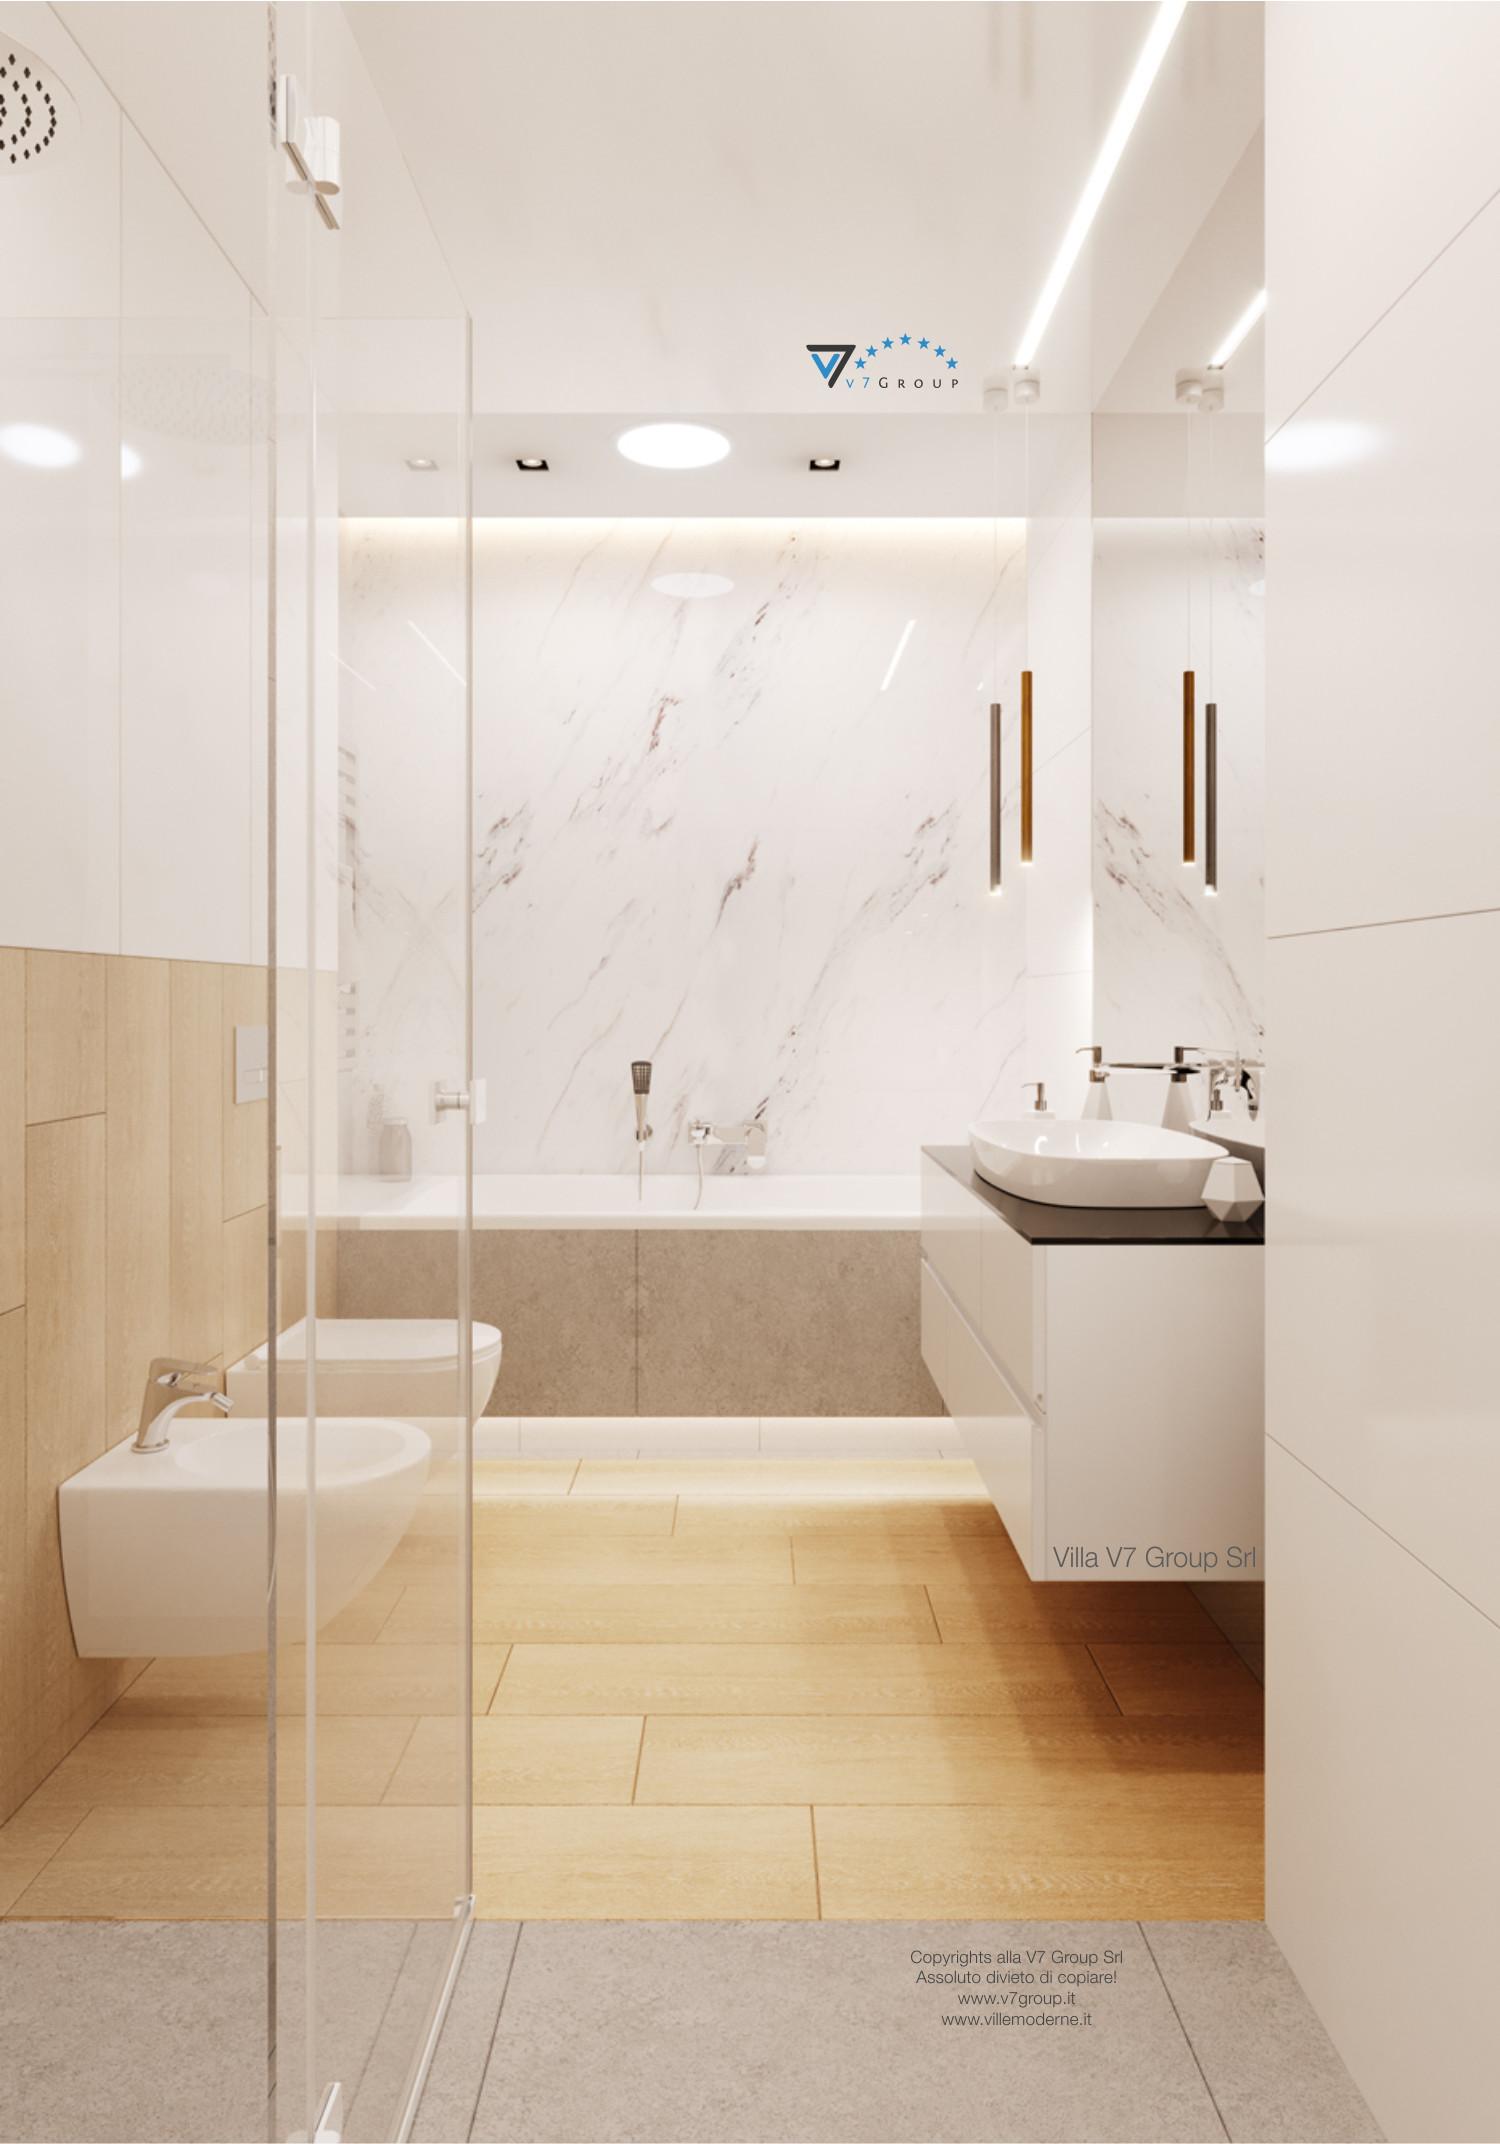 Immagine Villa V47 (B) - interno 11 - bagno